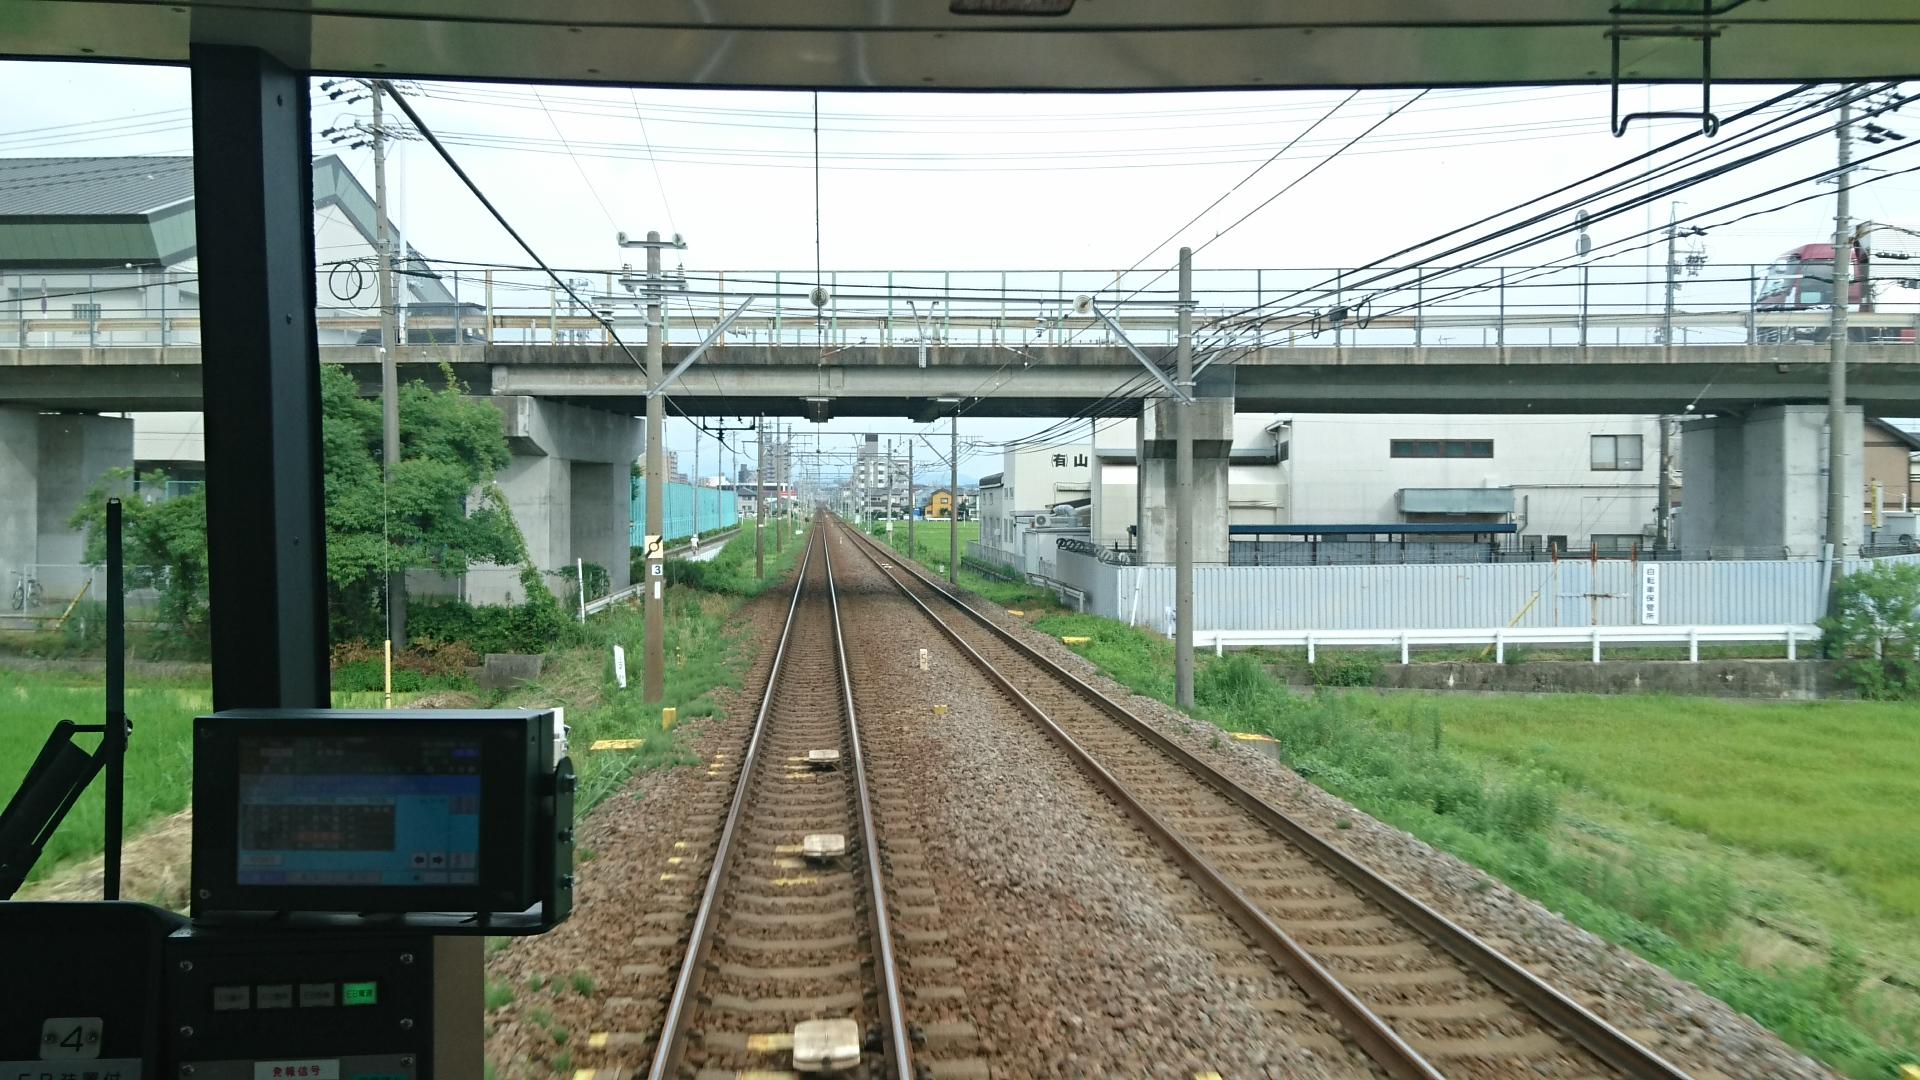 2017.7.9 名鉄 (14) 東岡崎いきふつう - えきかん 1920-1080